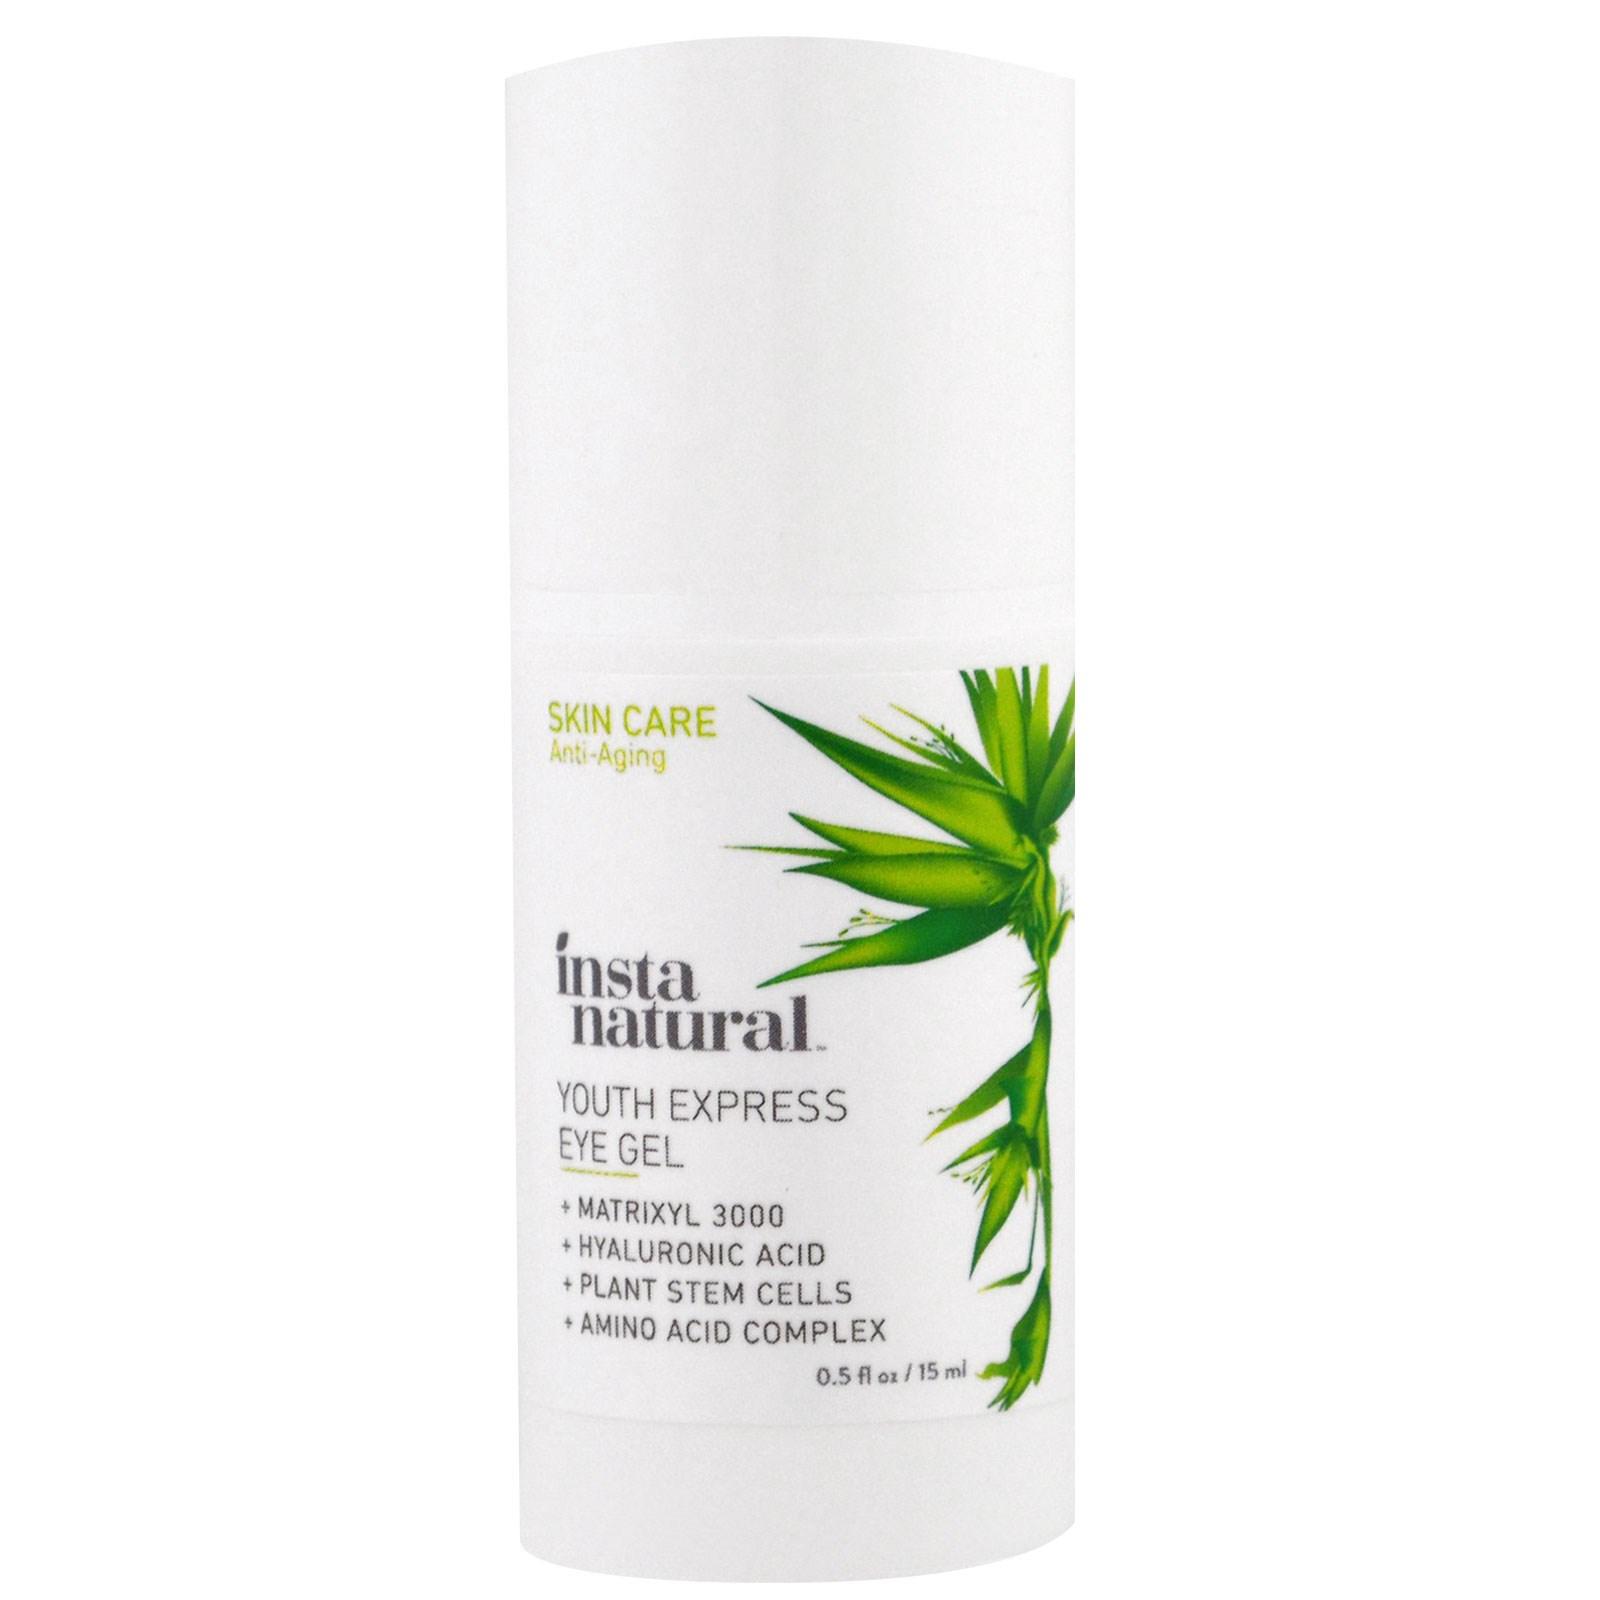 Крем-гель для глаз (15 мл) от InstaNatural